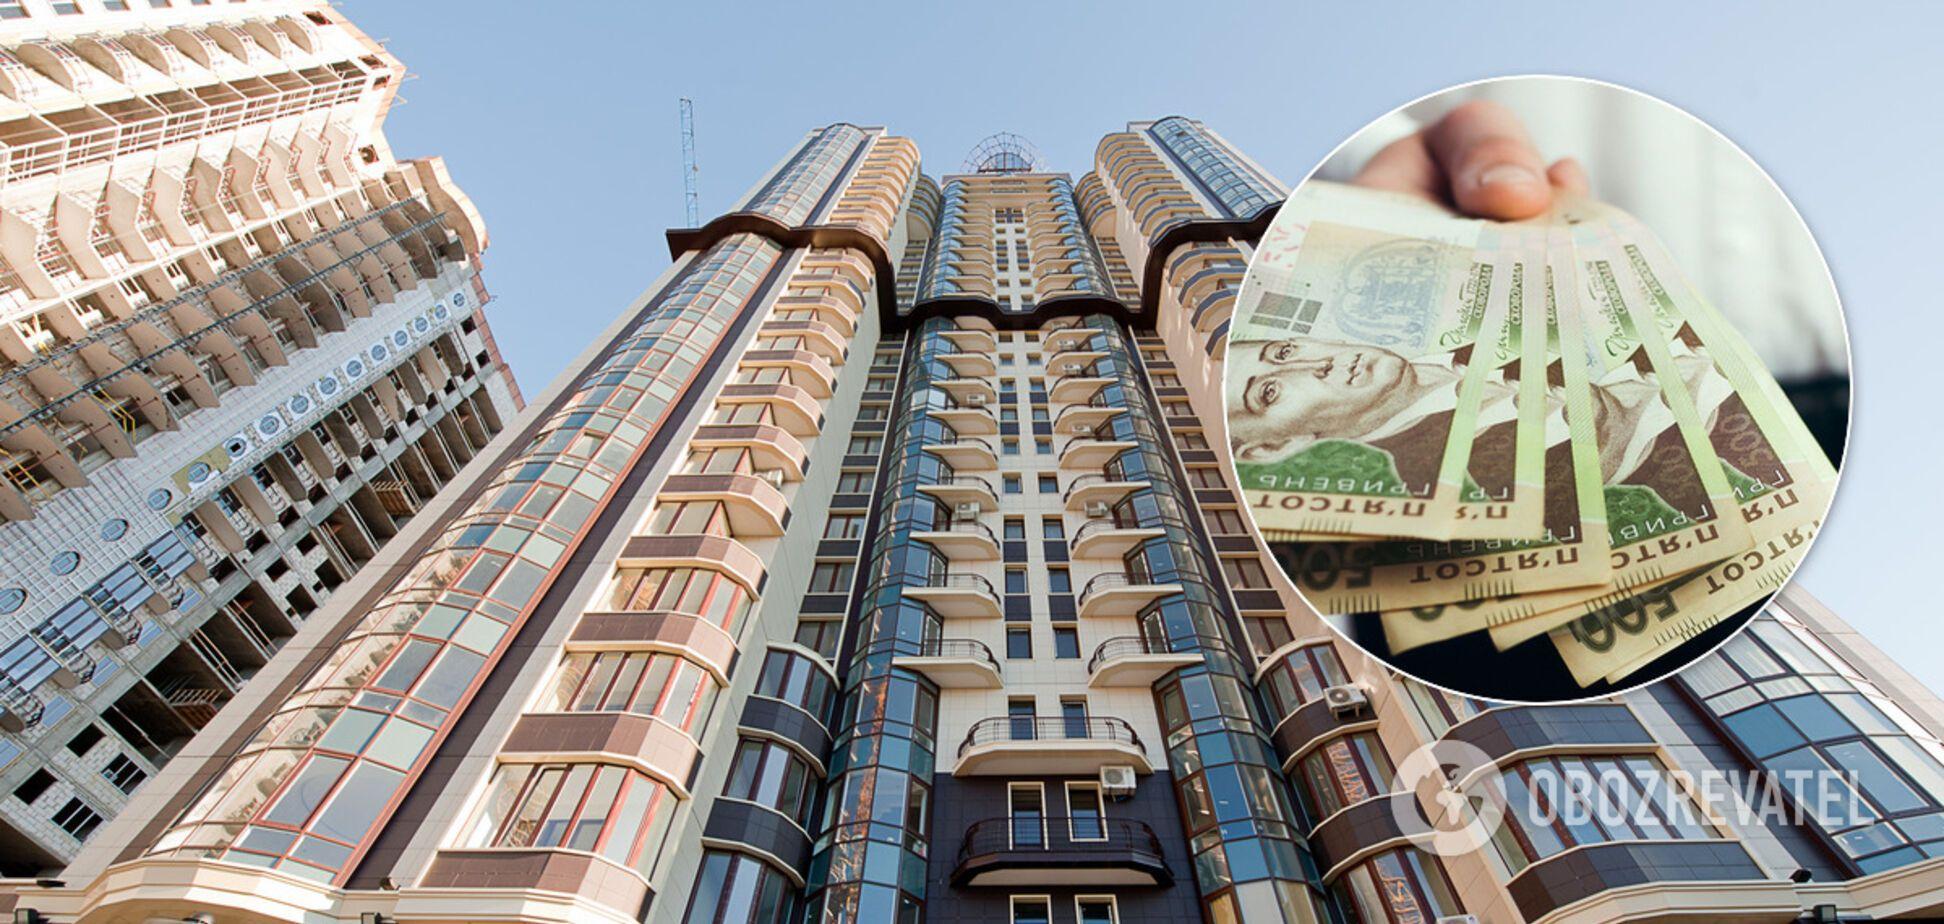 Банки должны платить за депозиты в два раза меньше: в НБУ назвали условия для дешевой ипотеки